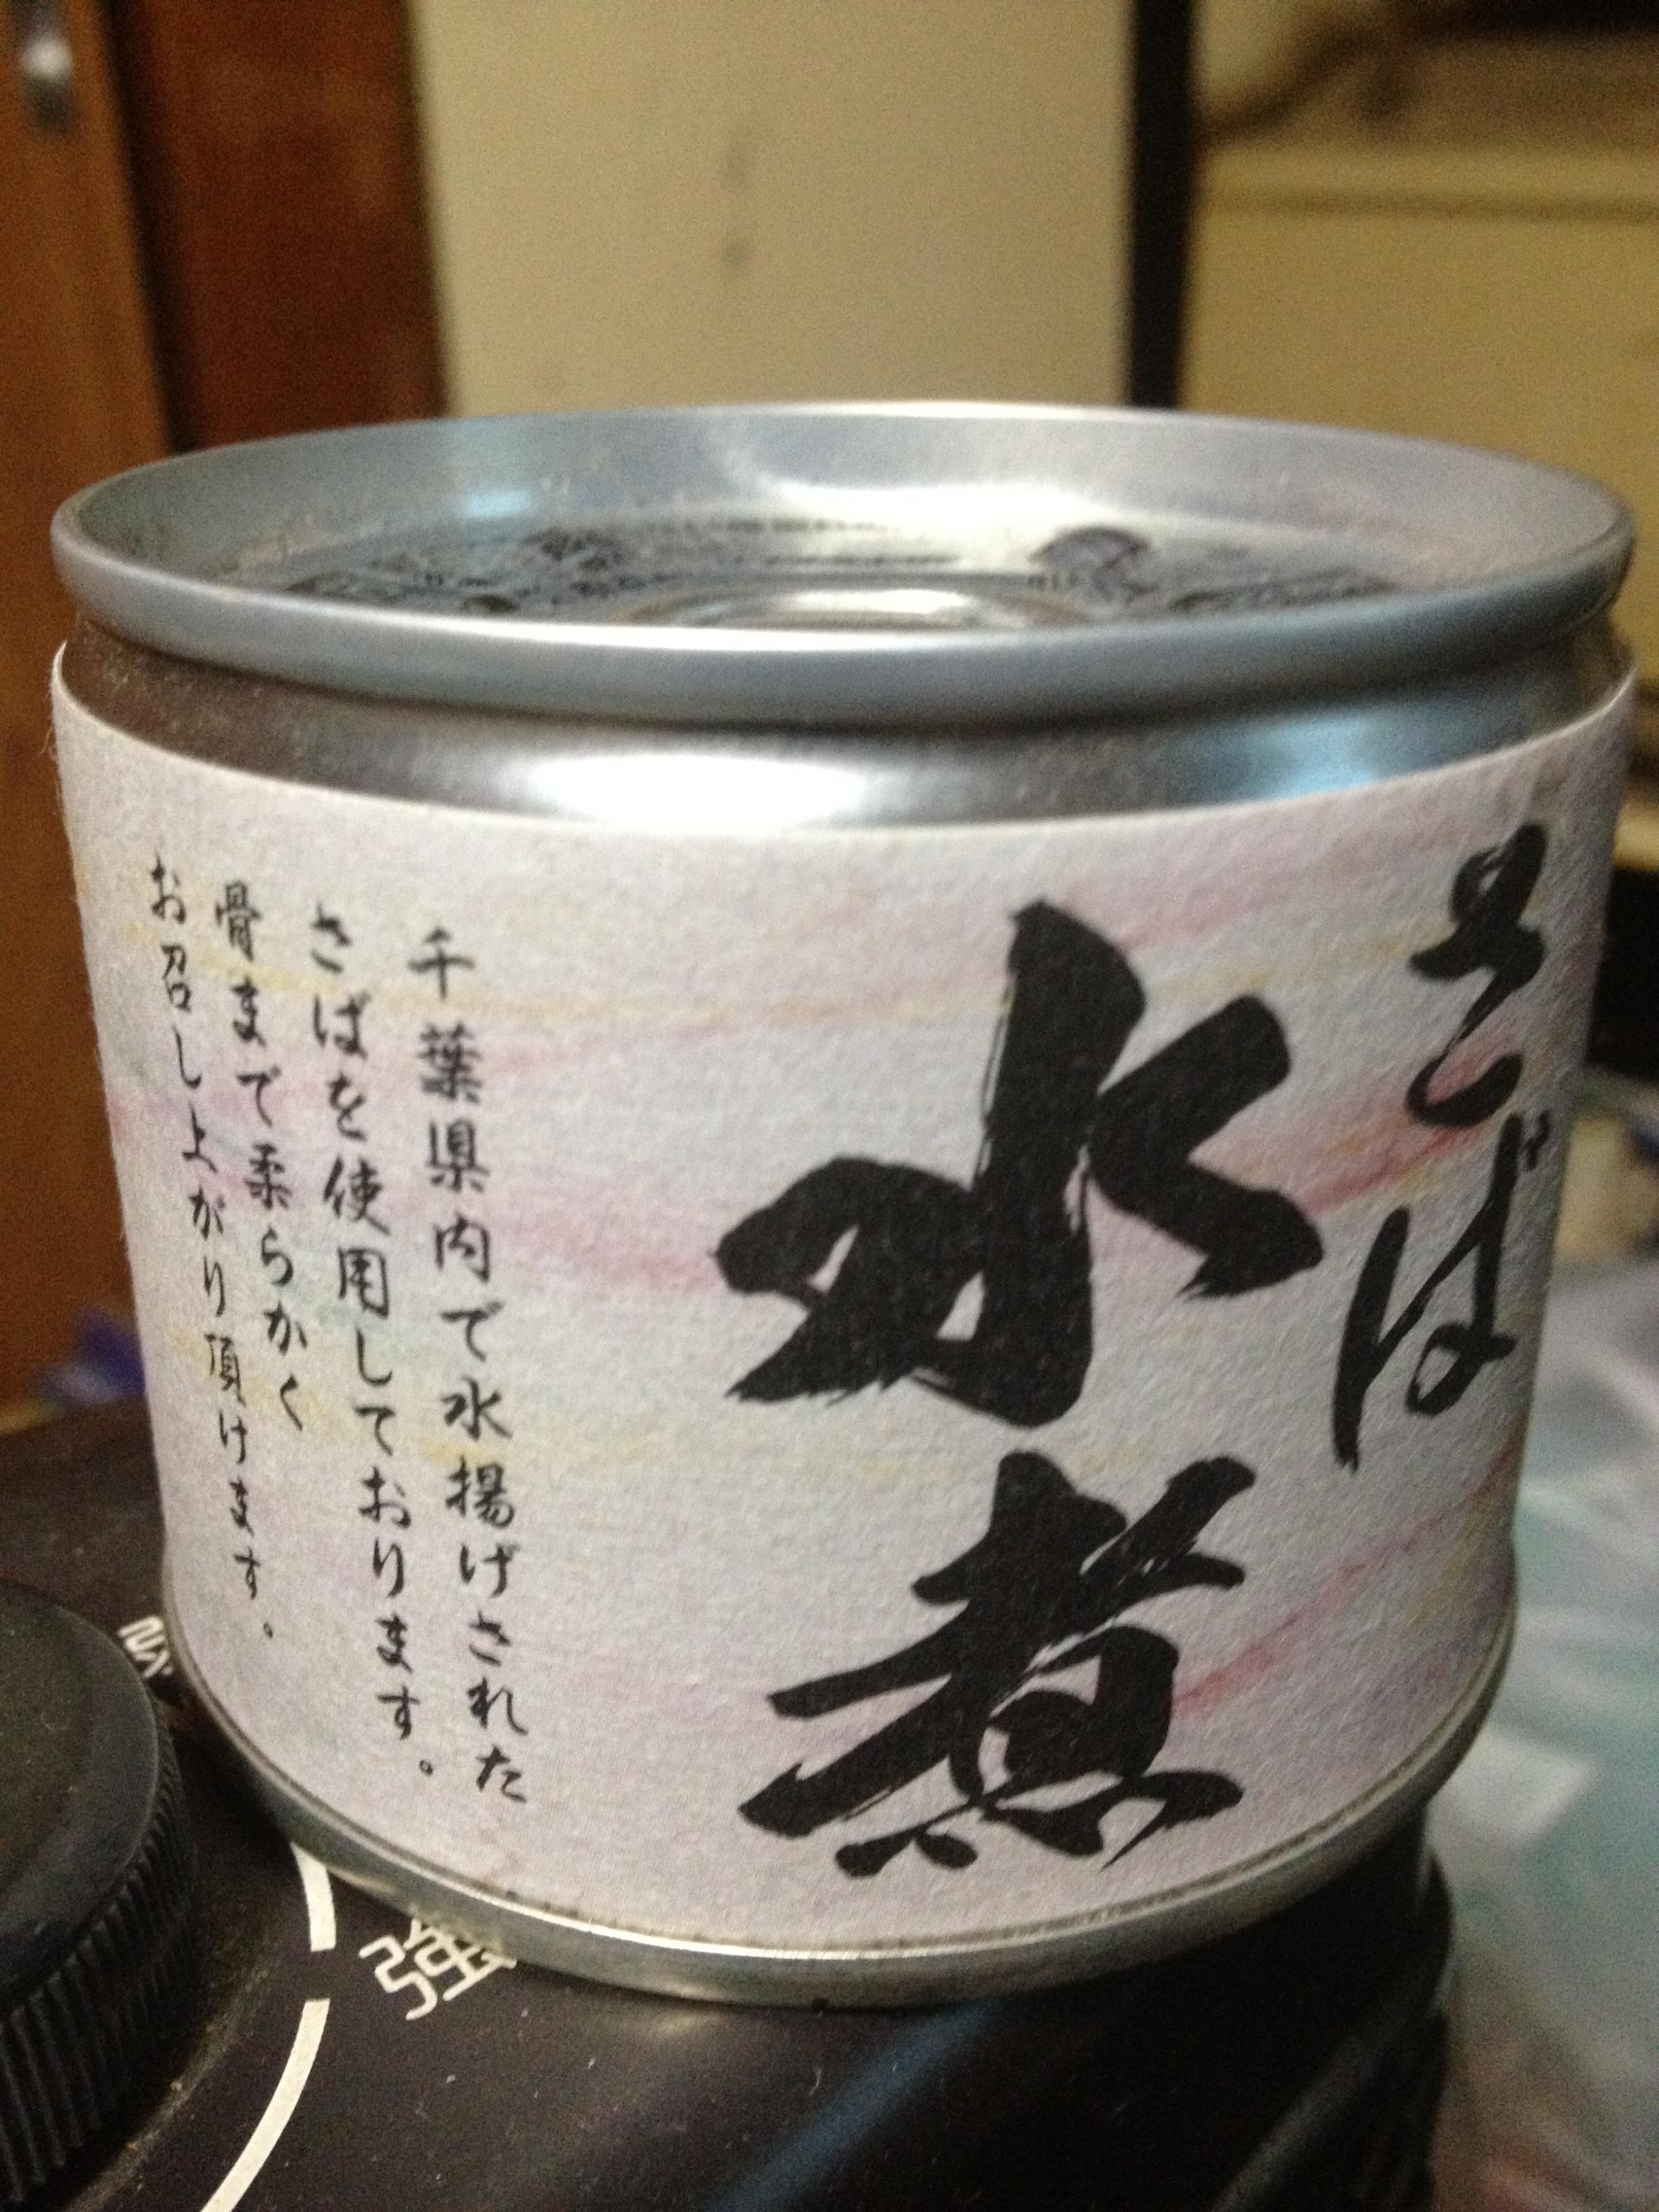 しだやのさば水煮缶 by 信田缶詰株式会社